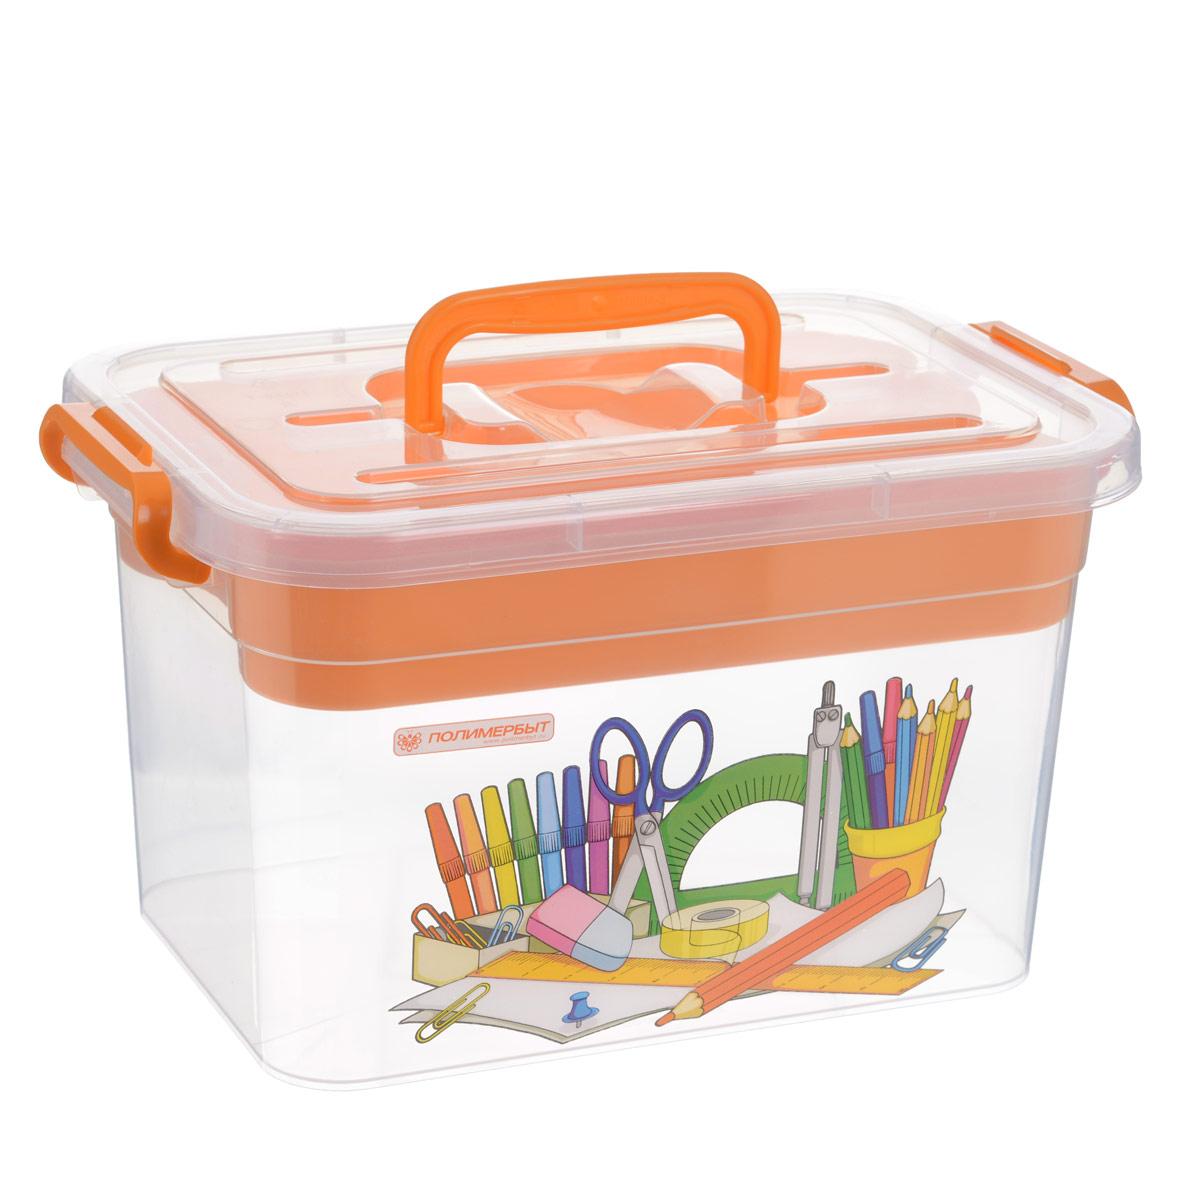 Контейнер Полимербыт Важные мелочи, с вкладышем, цвет: оранжевый, 6,5 лCLP446Контейнер Полимербыт Важные мелочи выполнен из прозрачного пластика. Для удобства переноски сверху имеется ручка. Внутрь вставляется цветной вкладыш с тремя отделениями. Контейнер плотно закрывается крышкой с защелками. Контейнер для аптечки Полимербыт Важные мелочи очень вместителен и поможет вам хранить все вещи в одном месте.Объем: 6,5 л.